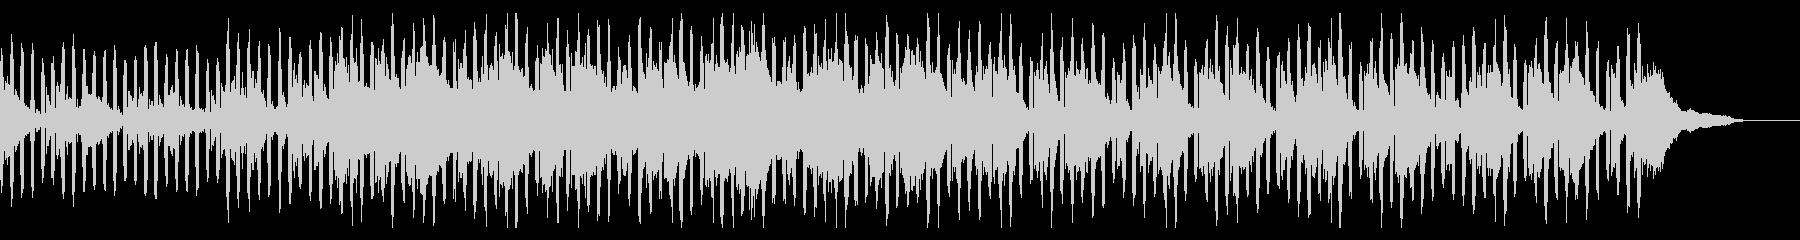 報道ニュース原稿ピアノトランス汎用BGMの未再生の波形